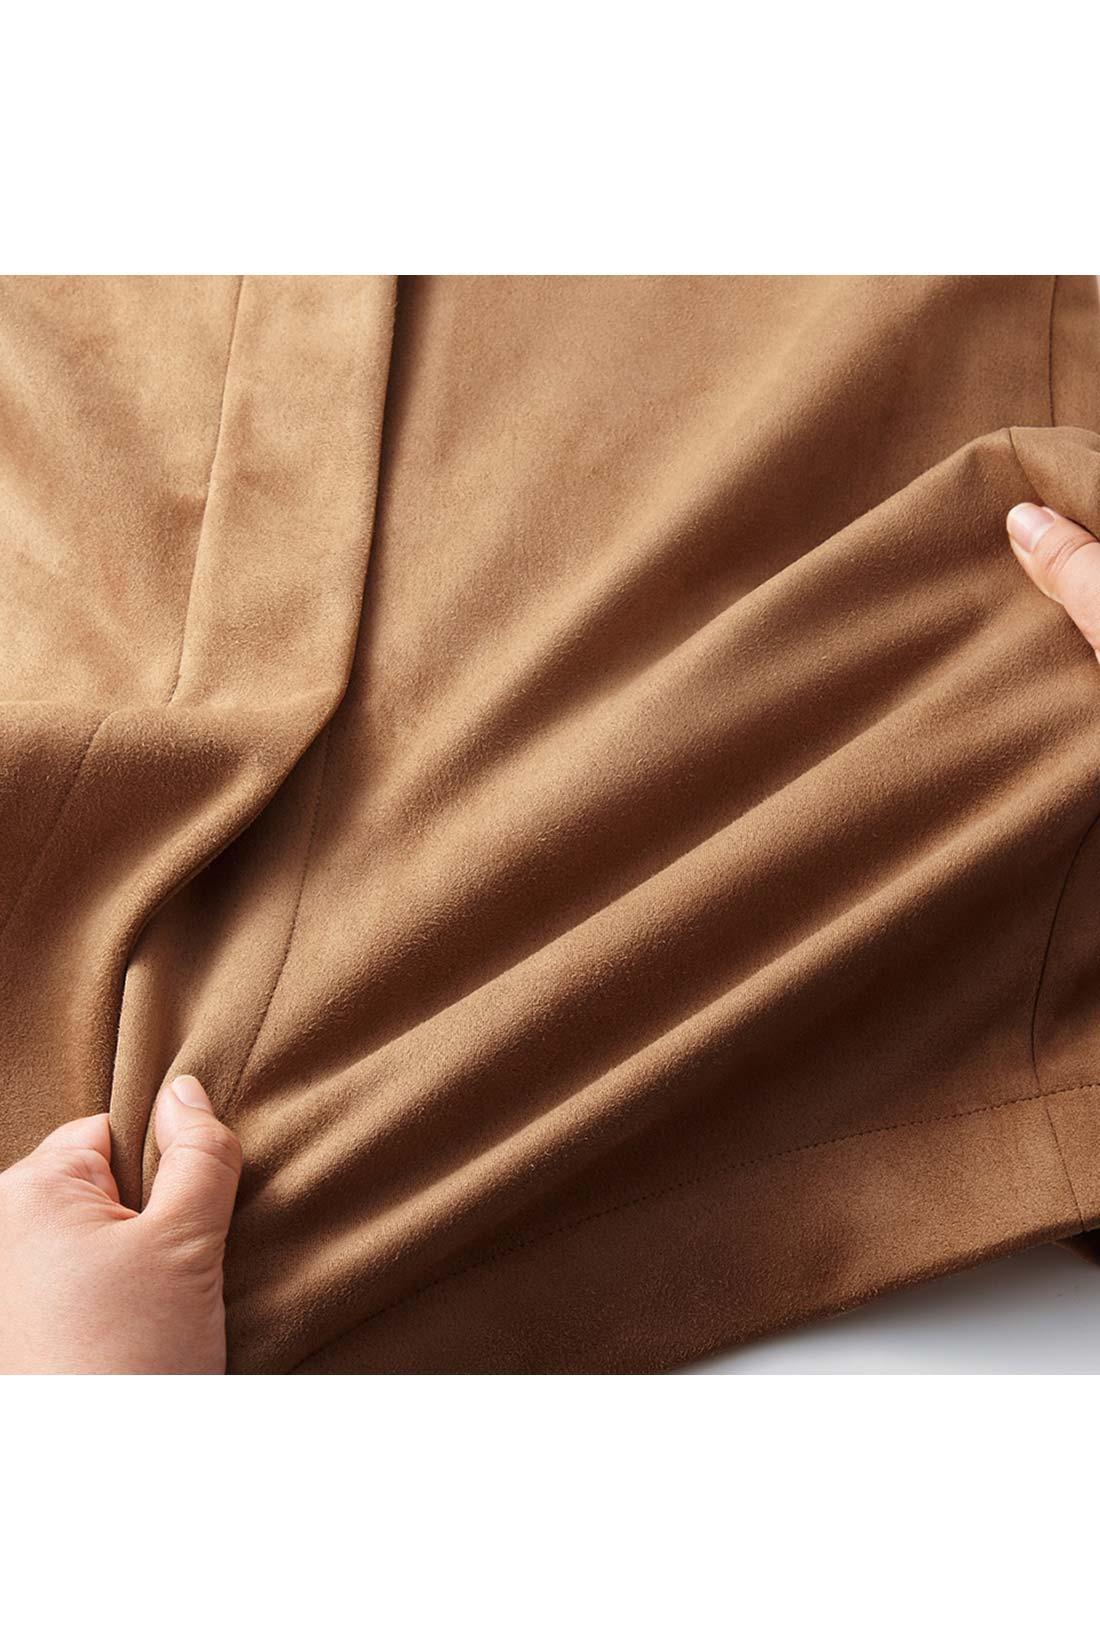 伸びやかなカットソーポンチ素材が動きにフィットして、ペンシルシルエットでもノンストレスなはき心地。 ※お届けするカラーとは異なります。